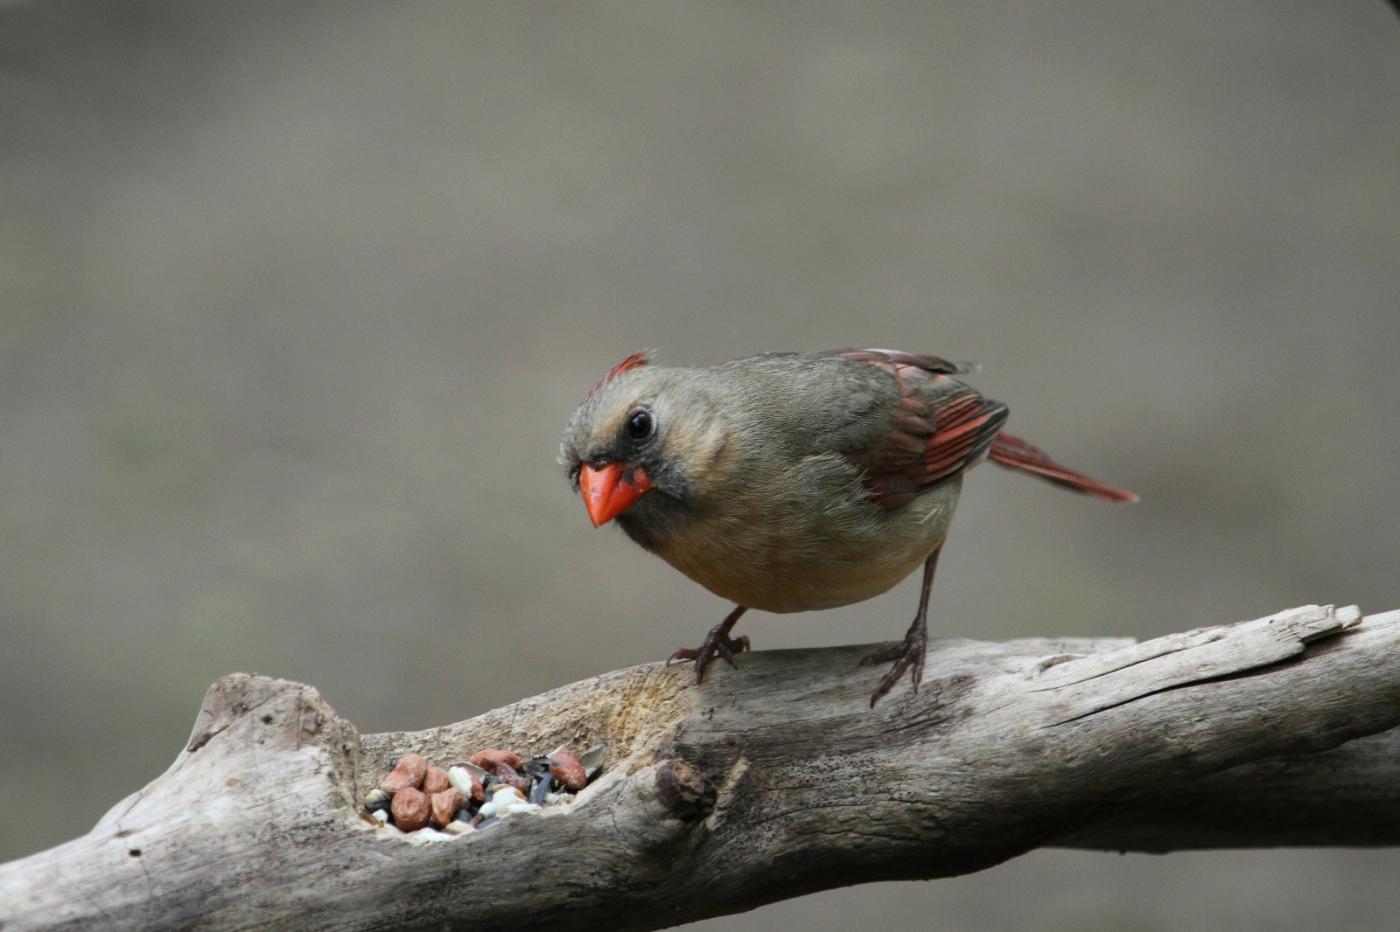 【田螺摄影】有吃的主教鸟还会挑肥拣瘦_图1-2